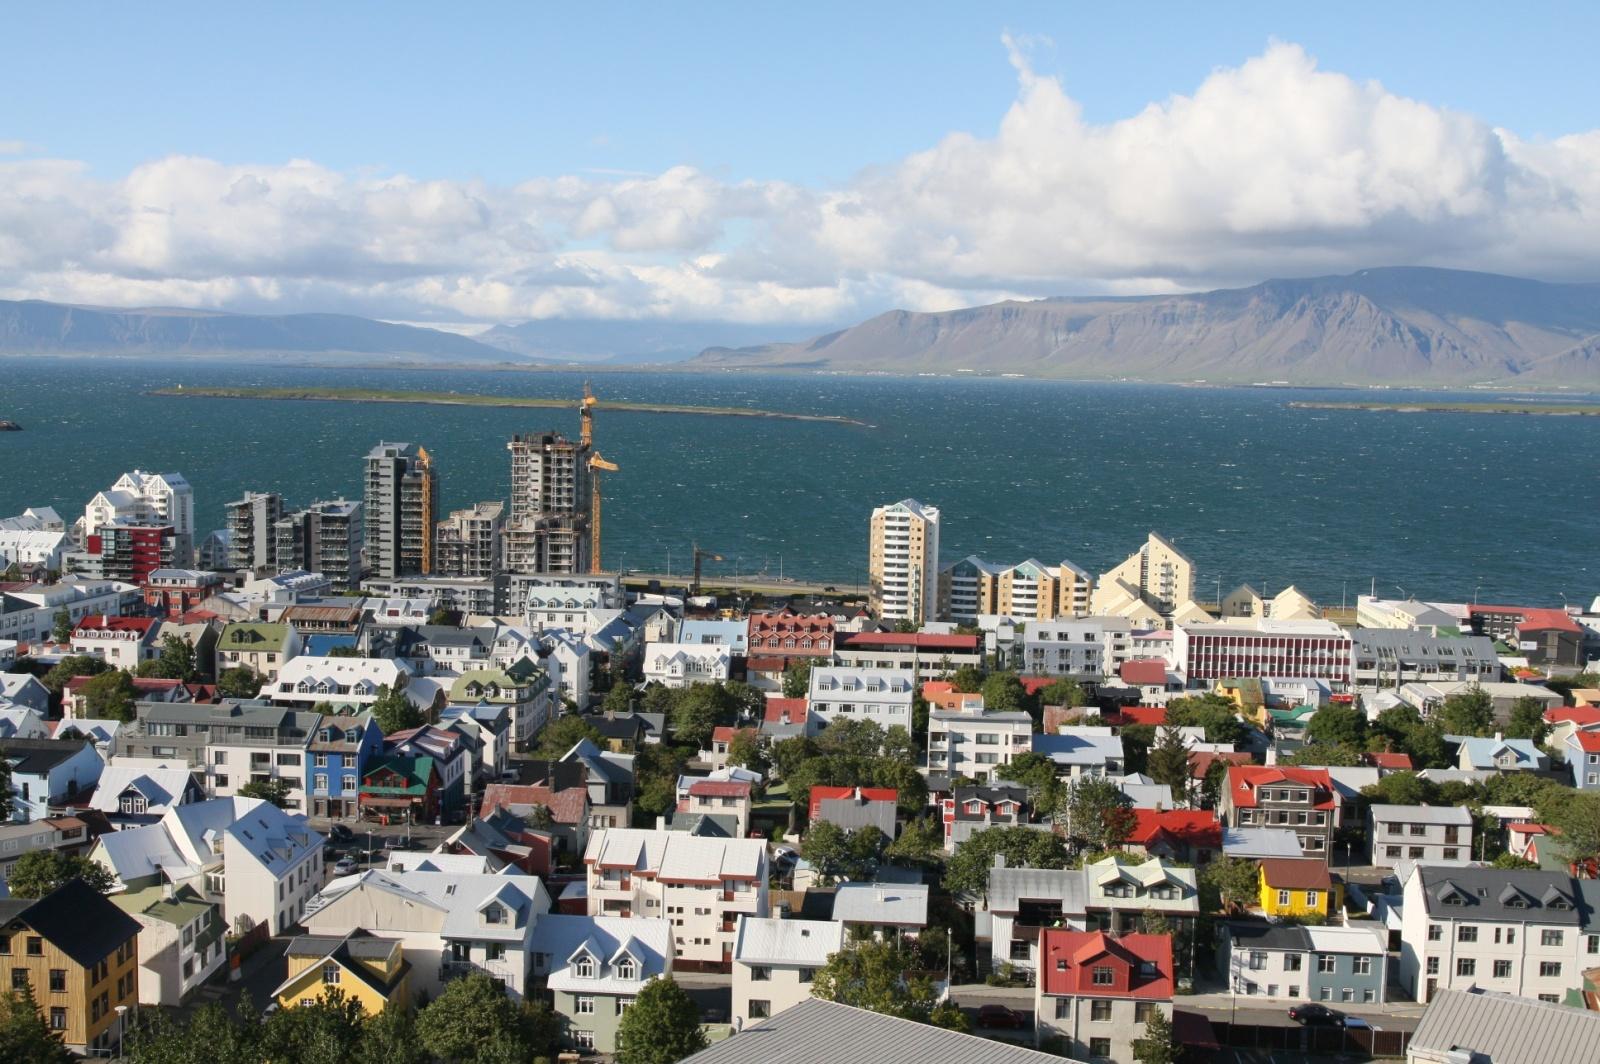 Sunny Reykjavik